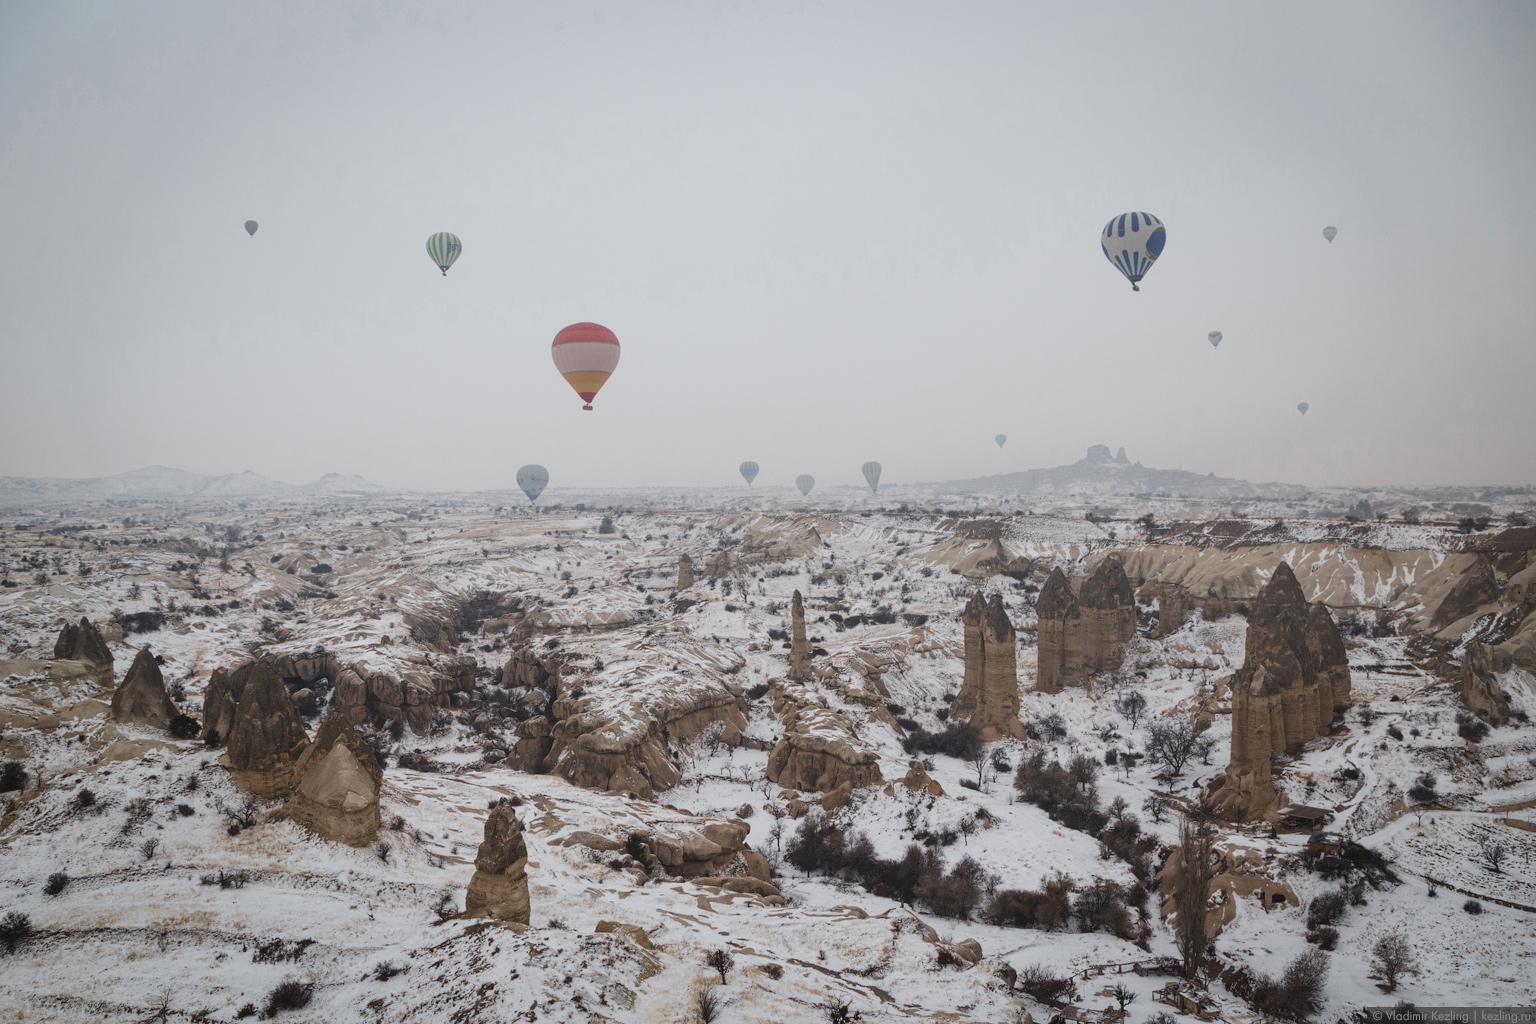 Зимняя Турция. Каппадокия. Полёт на воздушном шаре